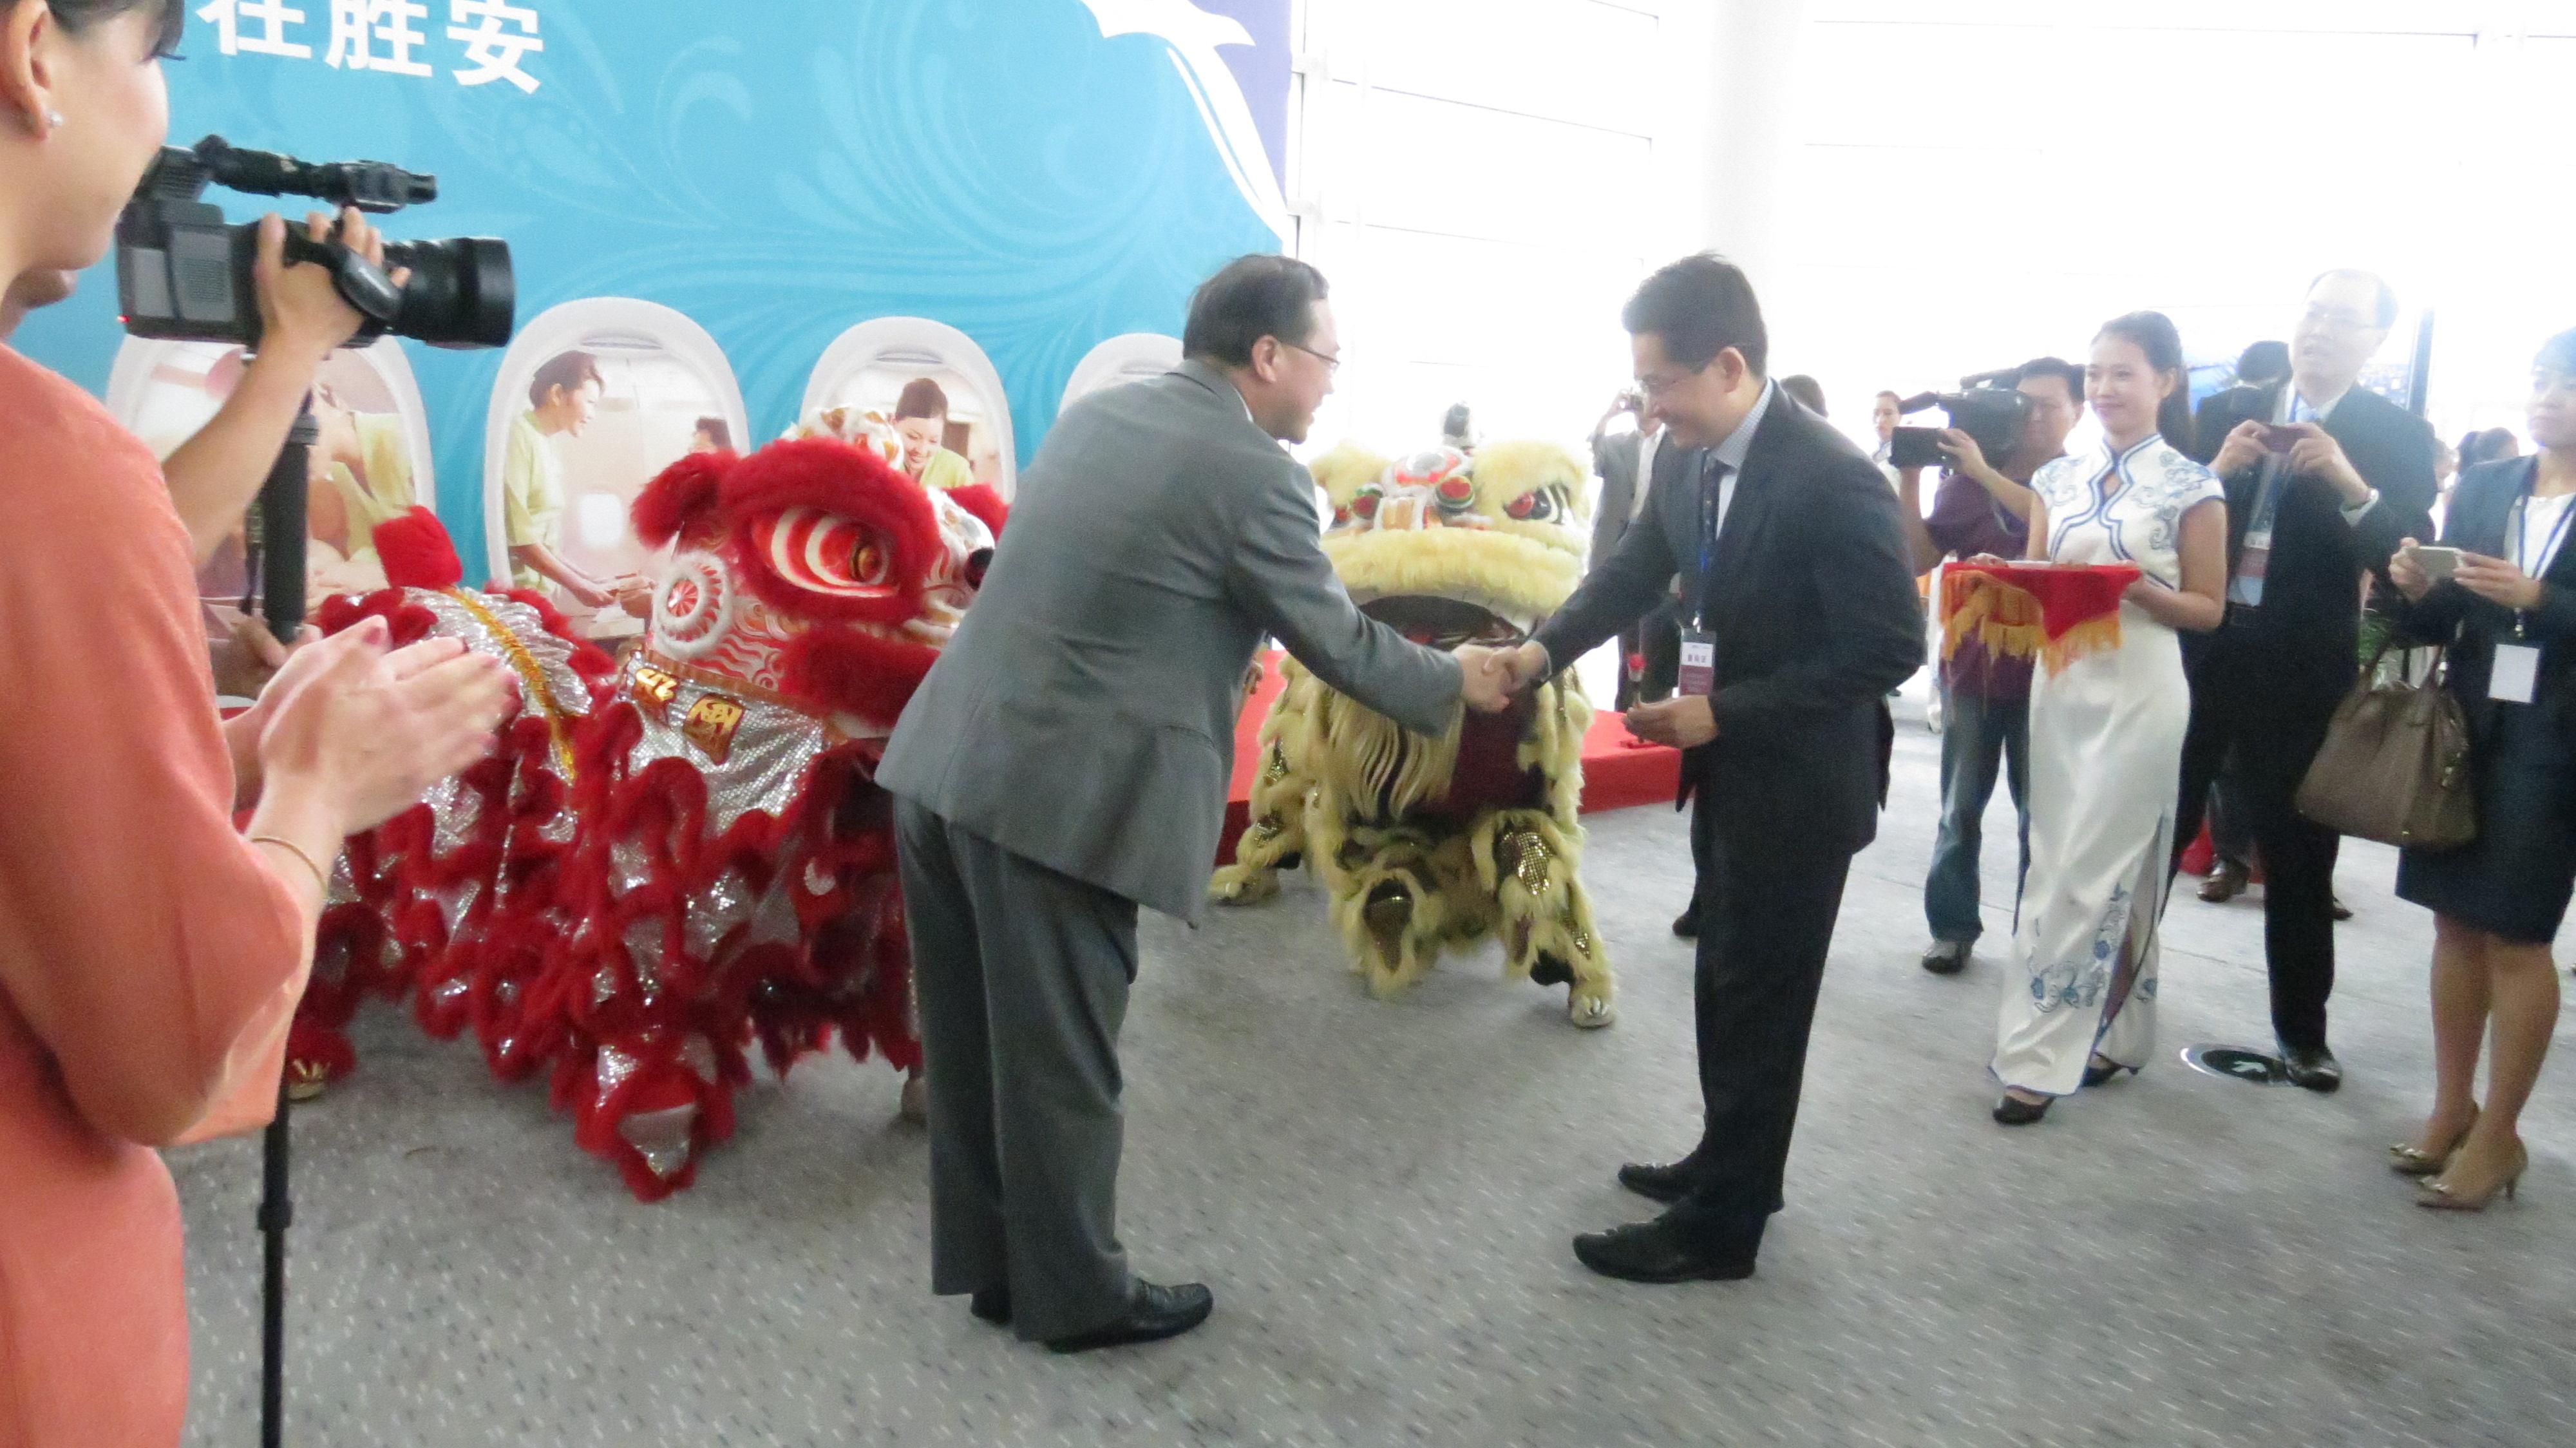 北京会议接待服务,会议接待